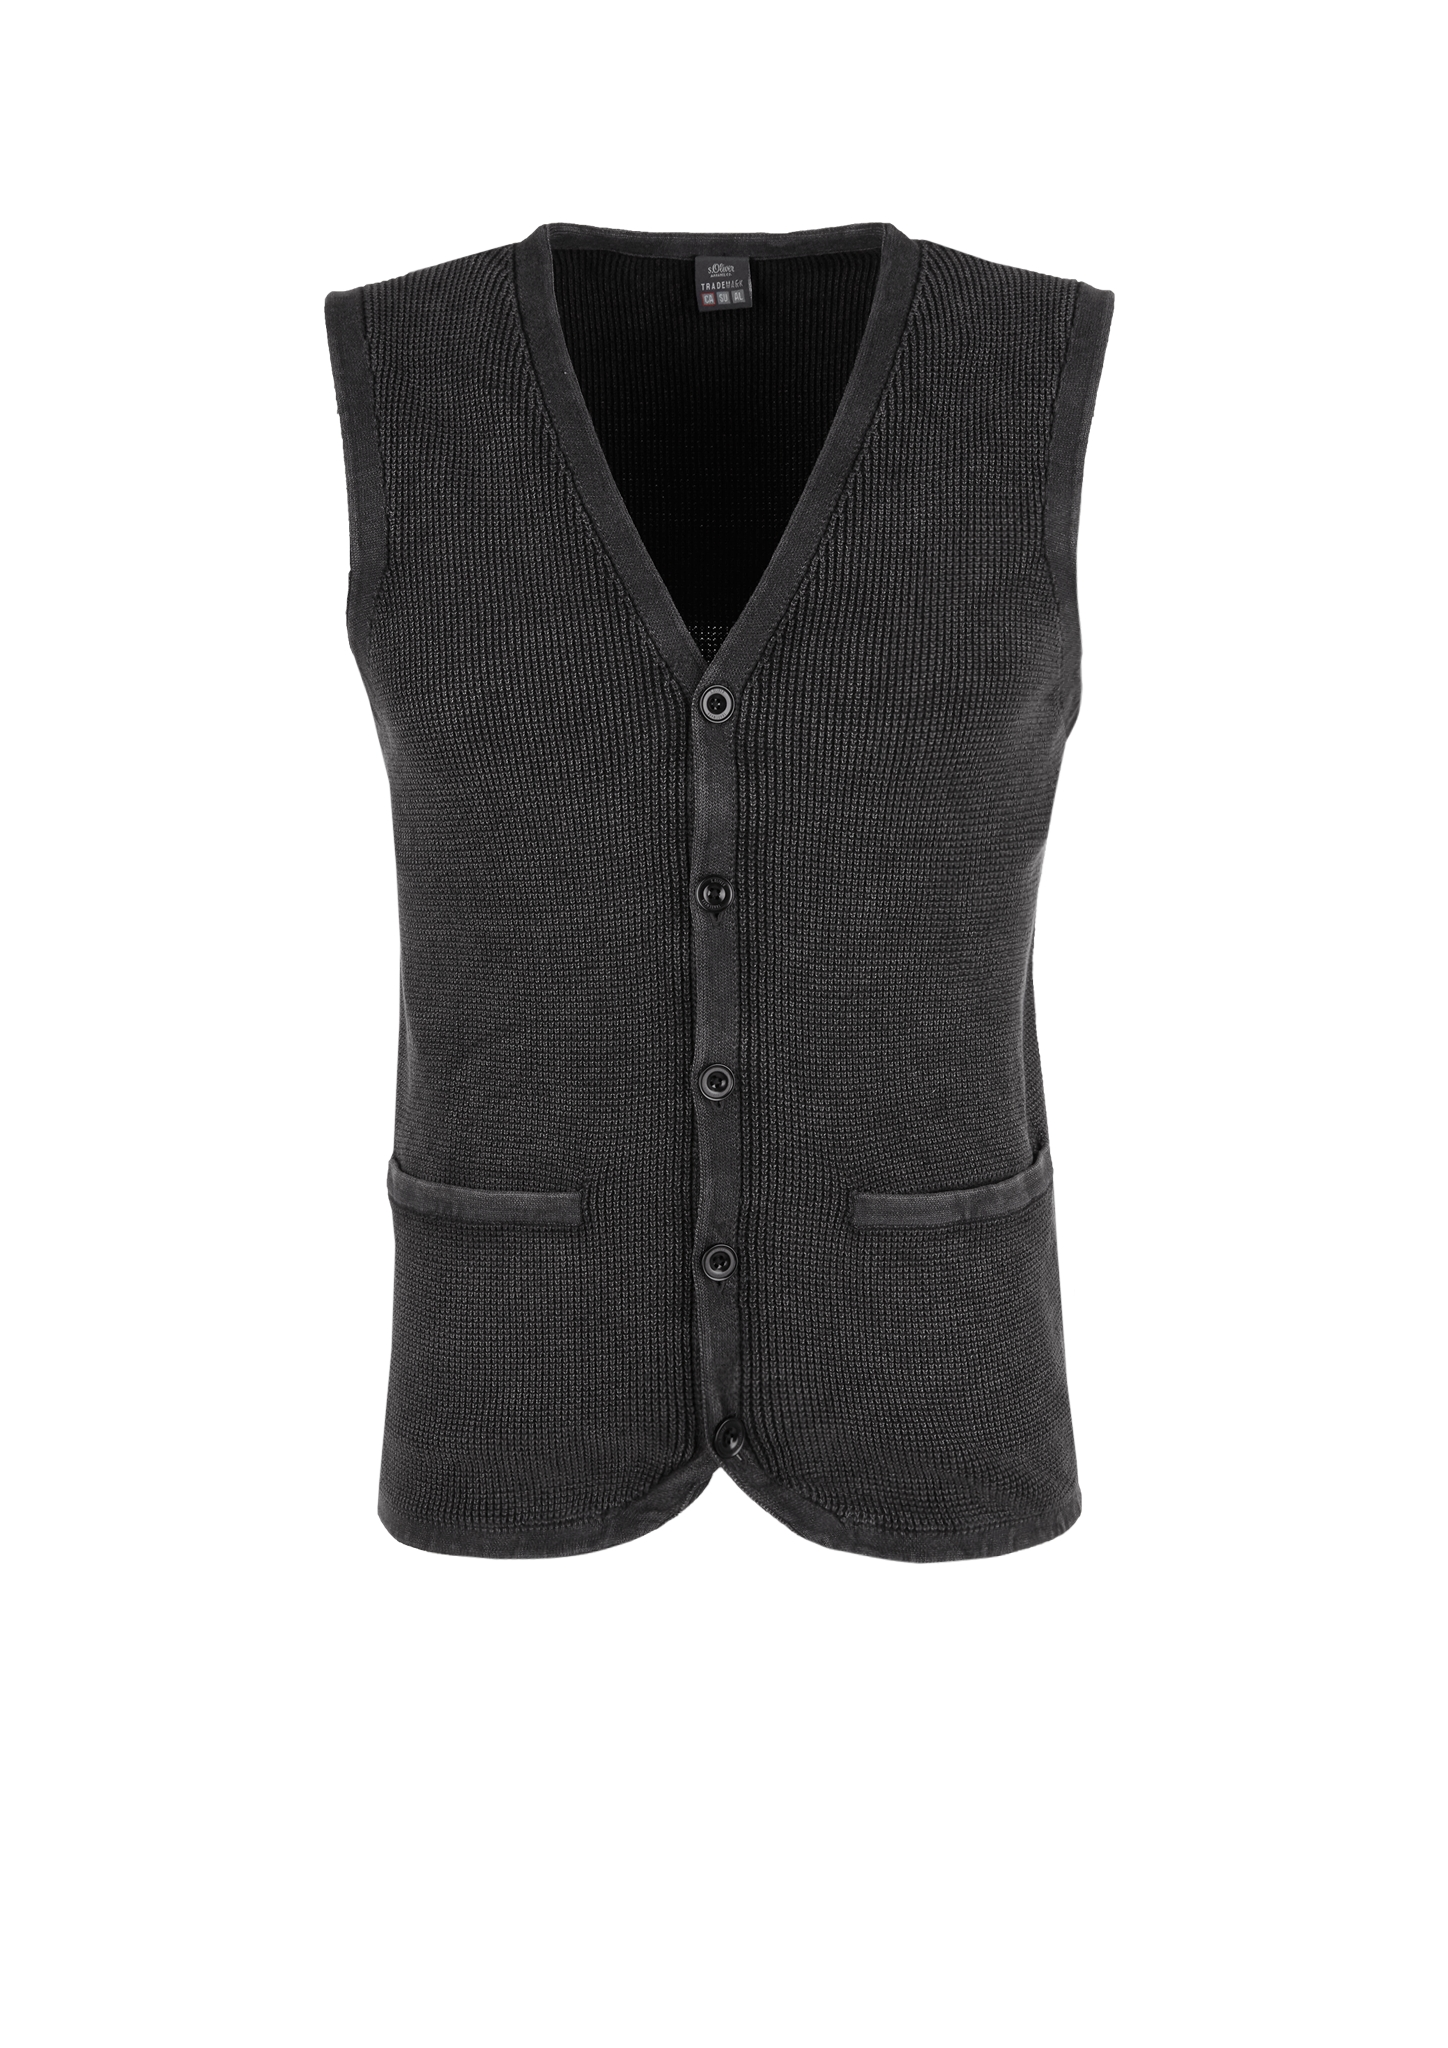 Strickweste | Bekleidung > Westen > Strickwesten | Grau/schwarz | 100% baumwolle | s.Oliver